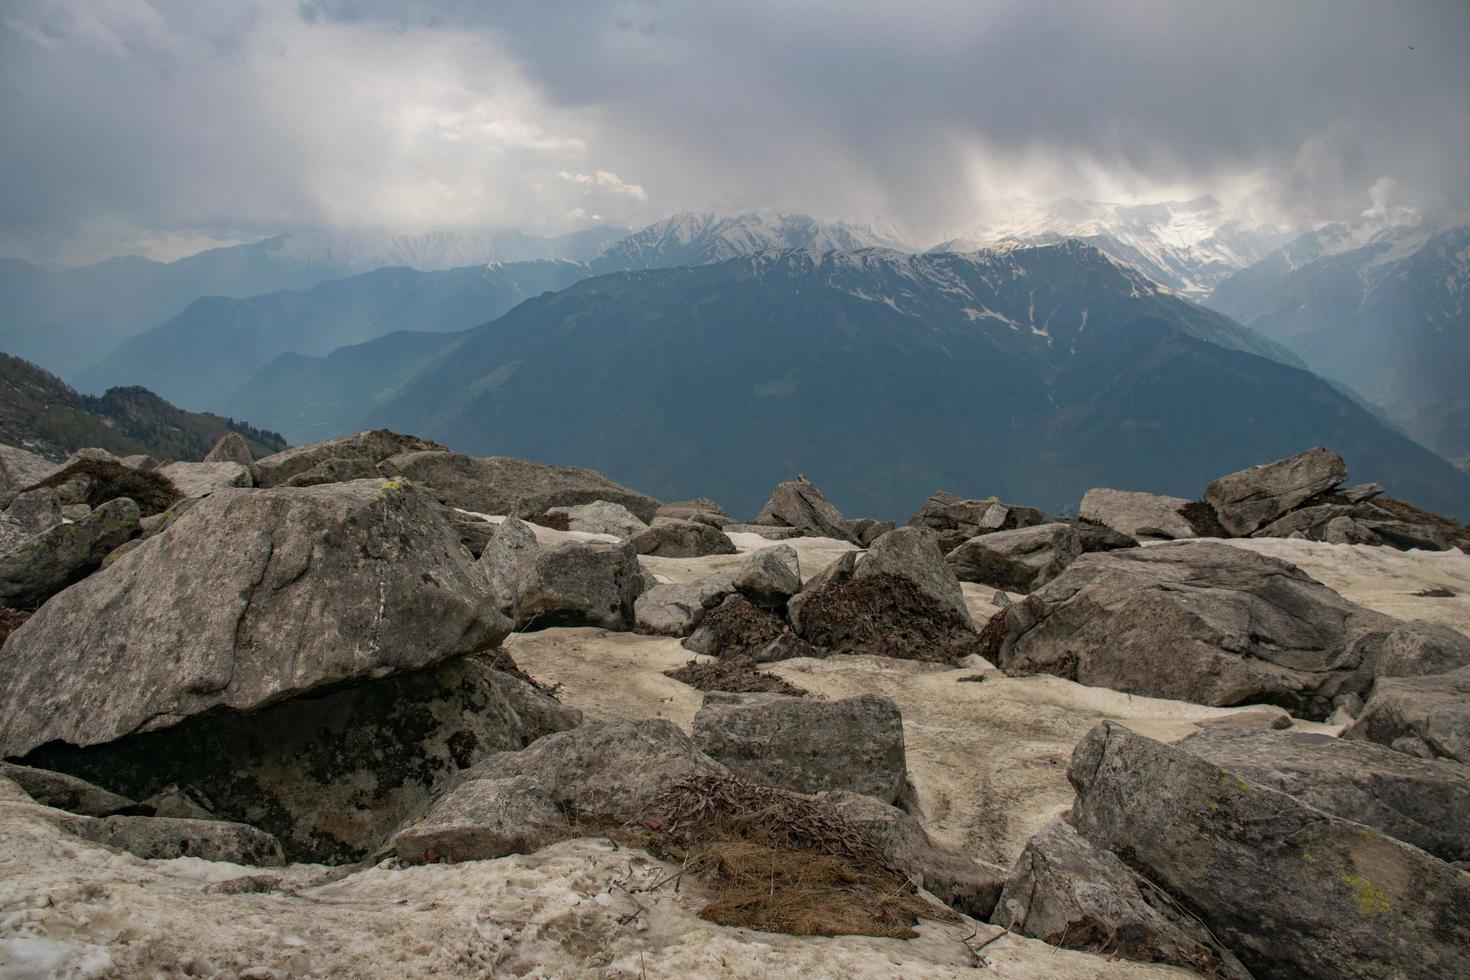 Mountain vista view photo